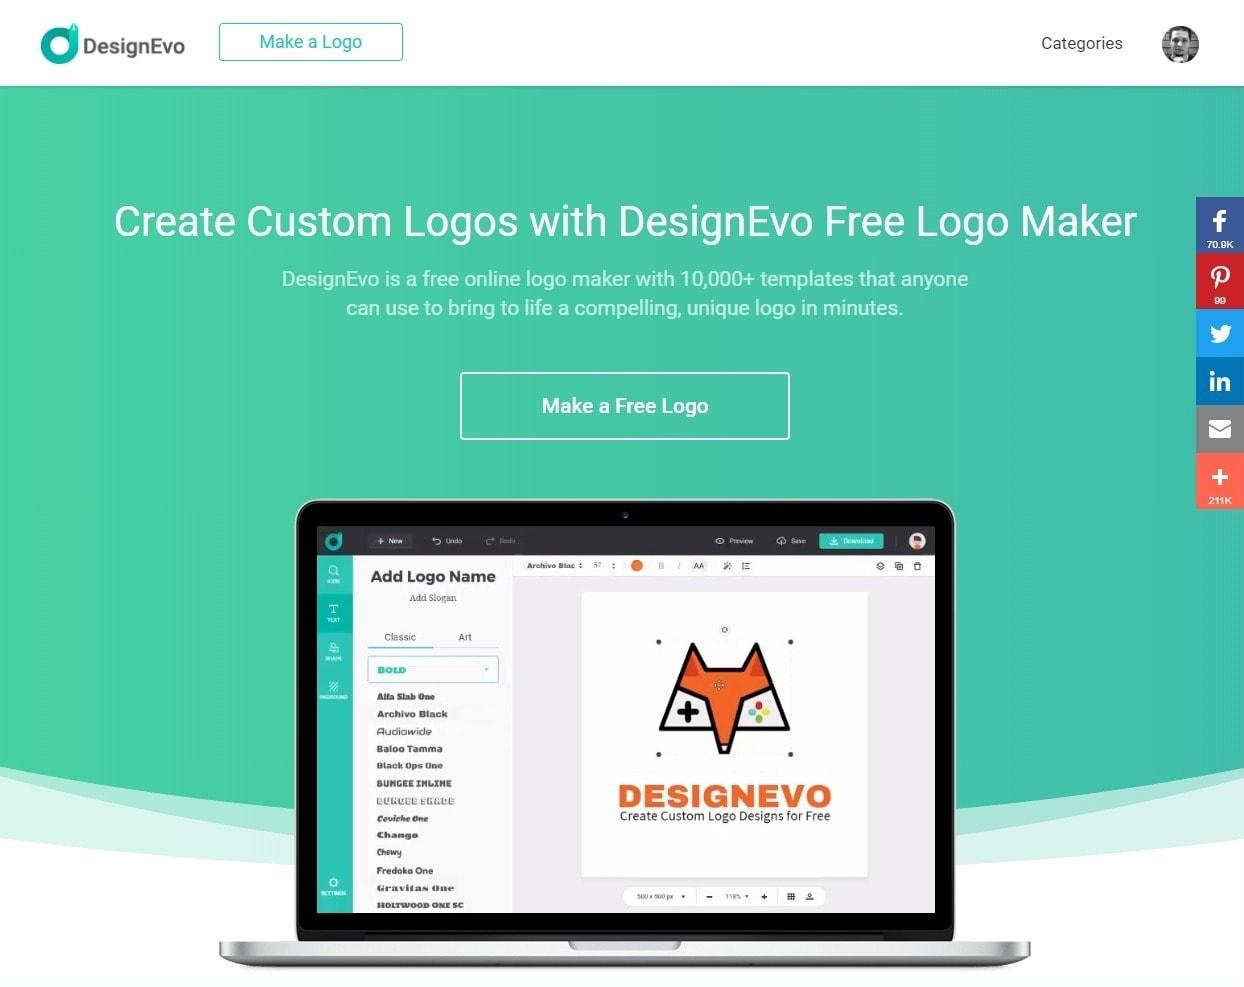 designevo-logo-maker-review-free-logos-whats-the-catch-[2020] (1)